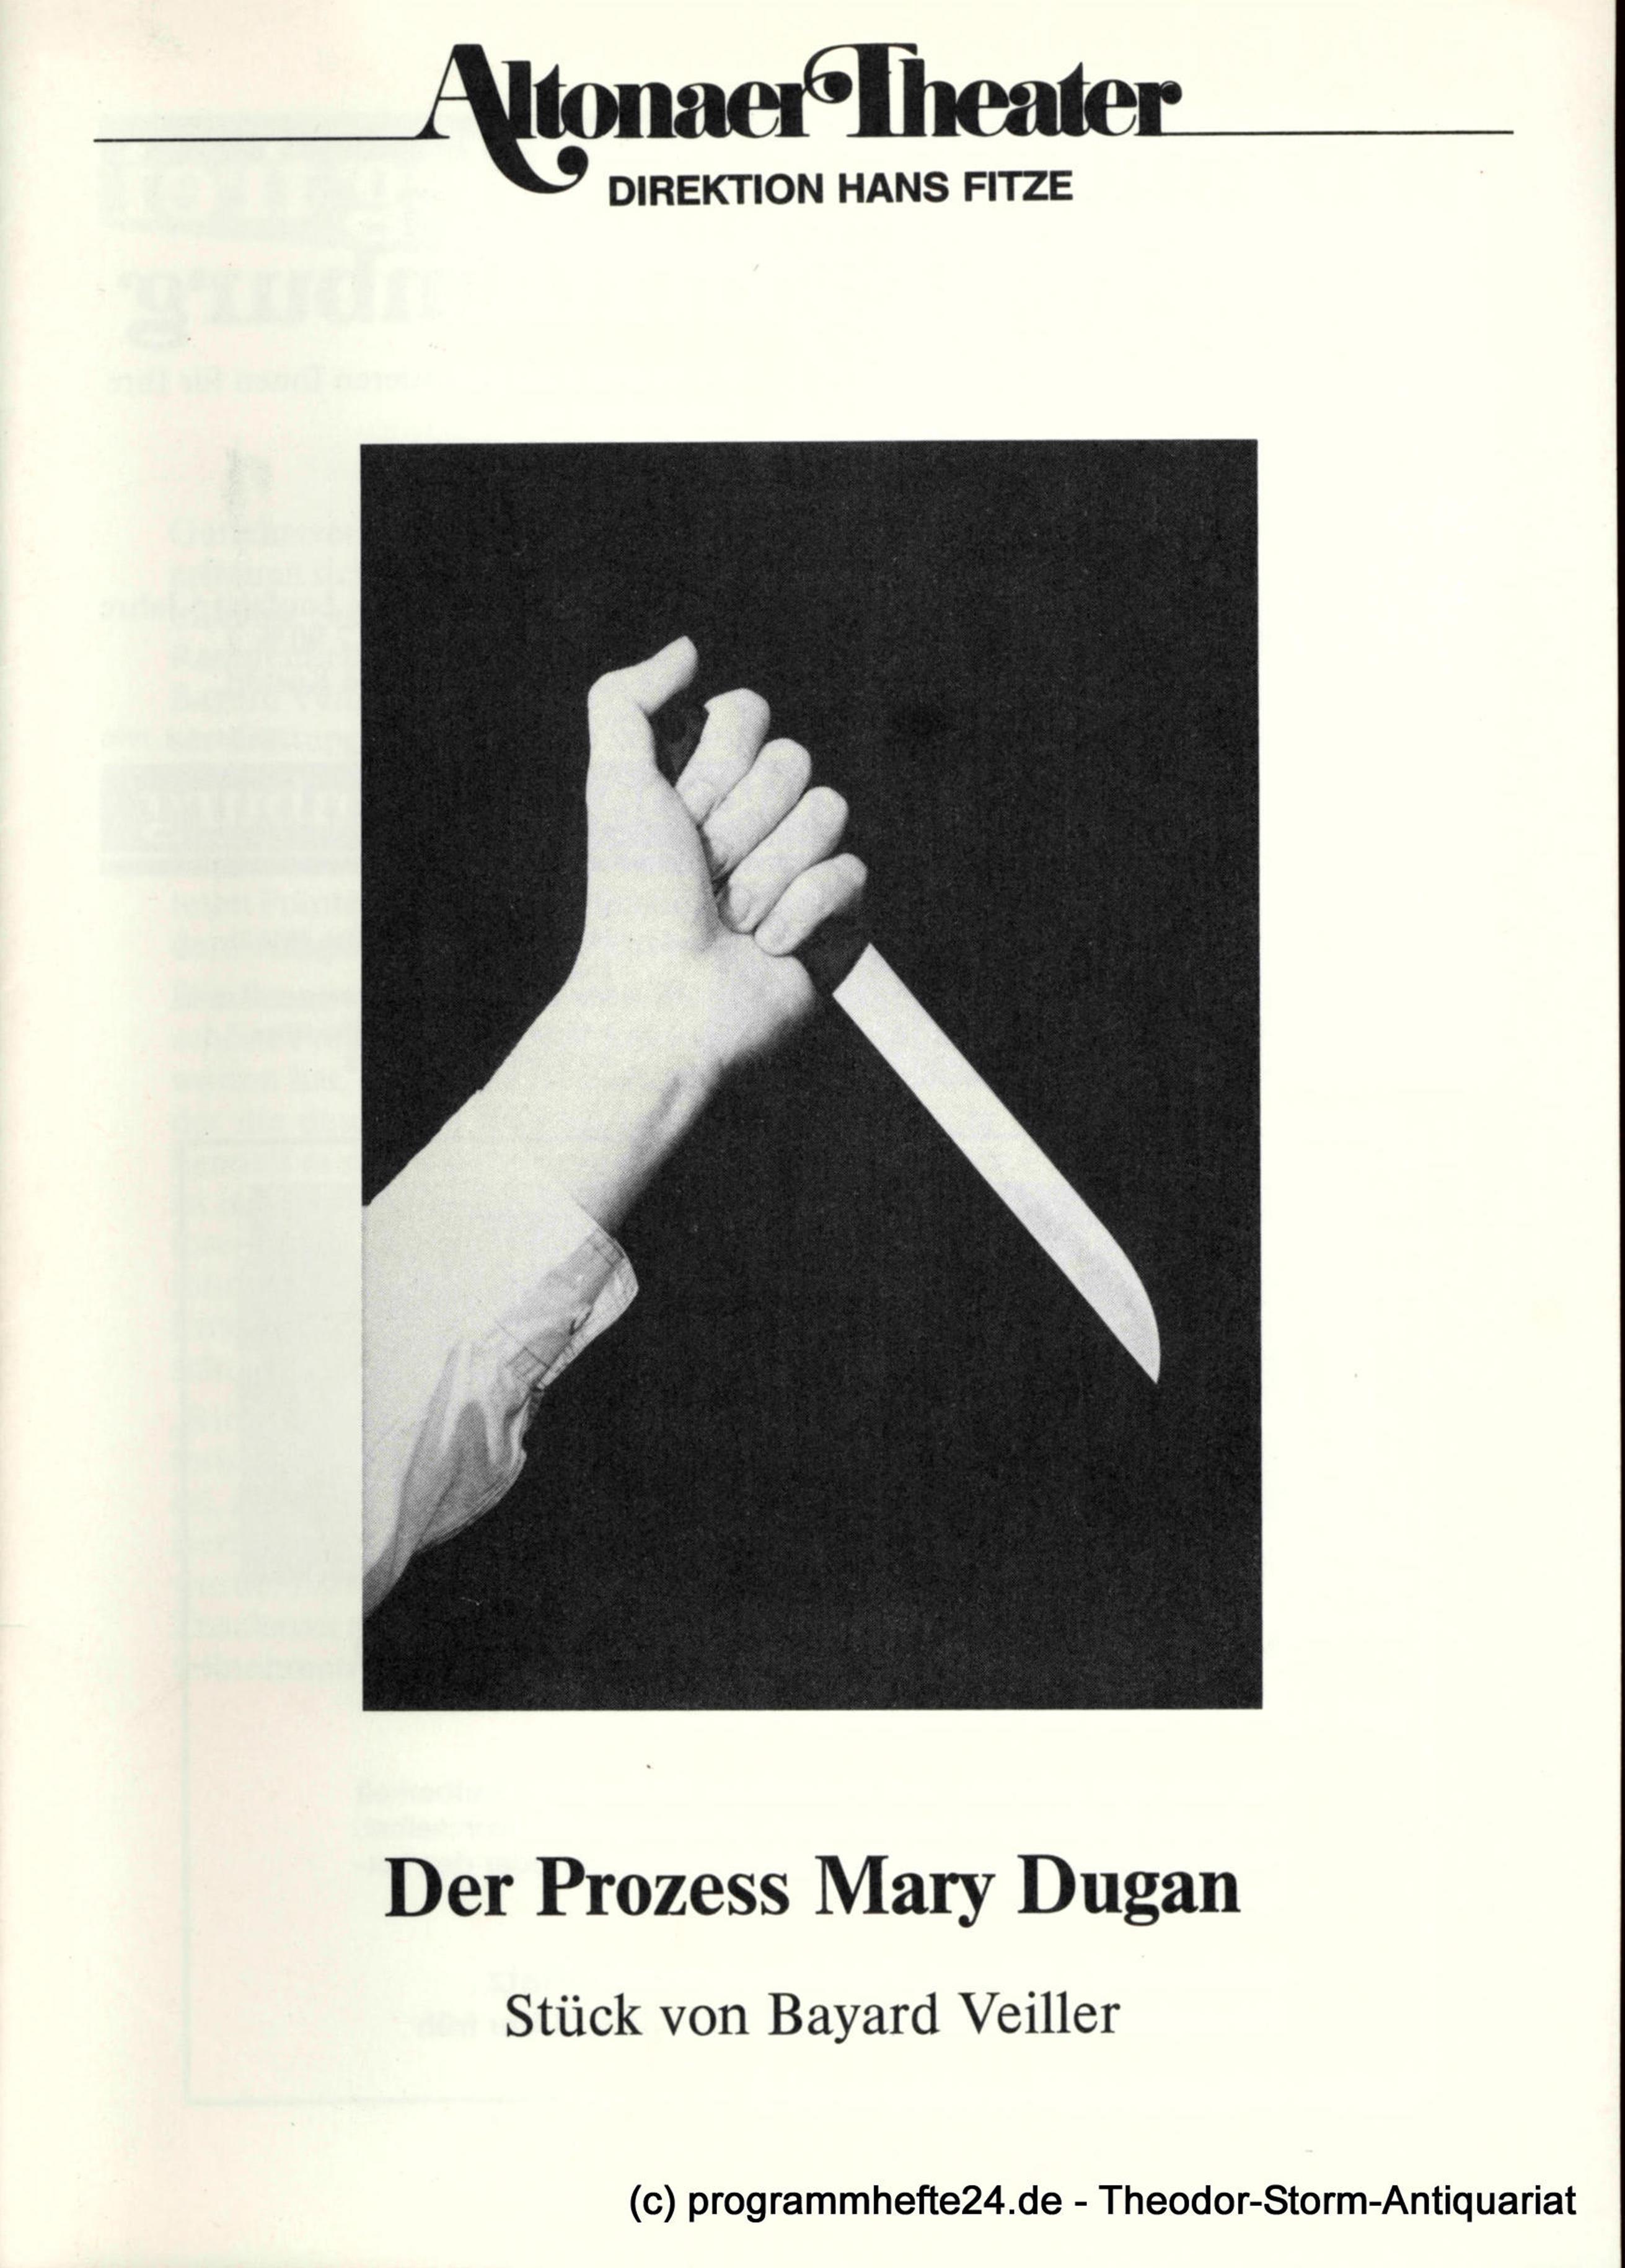 Programmheft Der Prozeß Mary Dugan. Ein Stück von Bayard Veiller. Programmheft 3